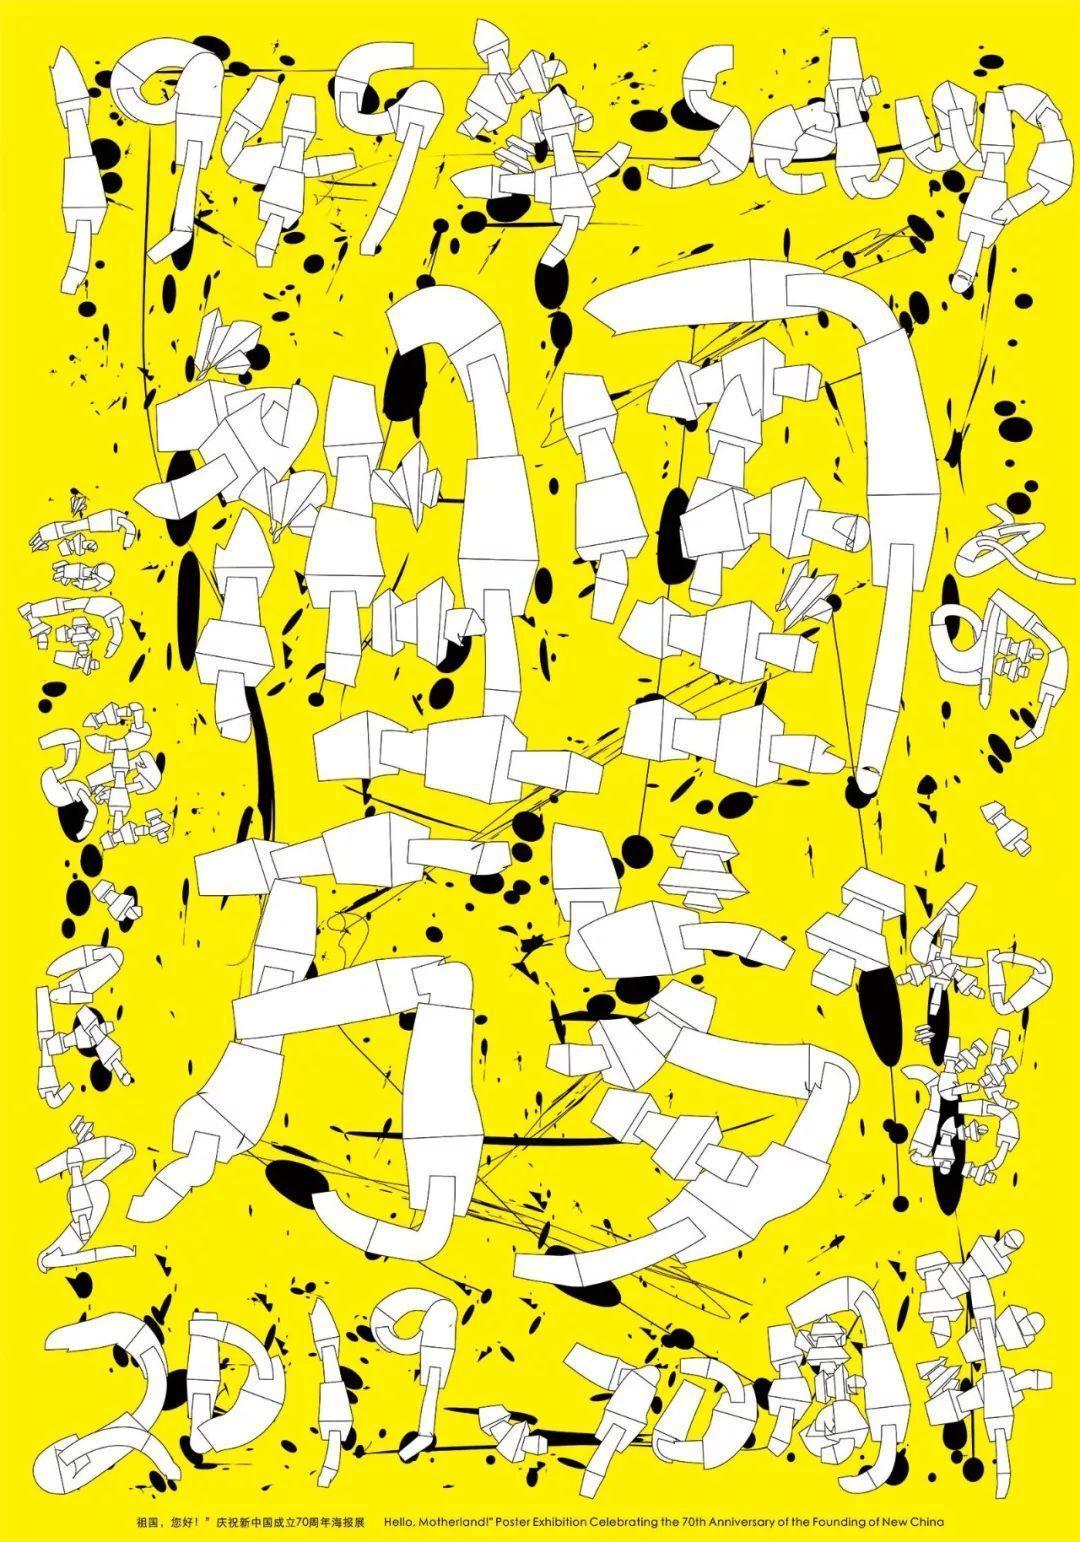 吴熙龙_新中国成立70周年主题纪念海报